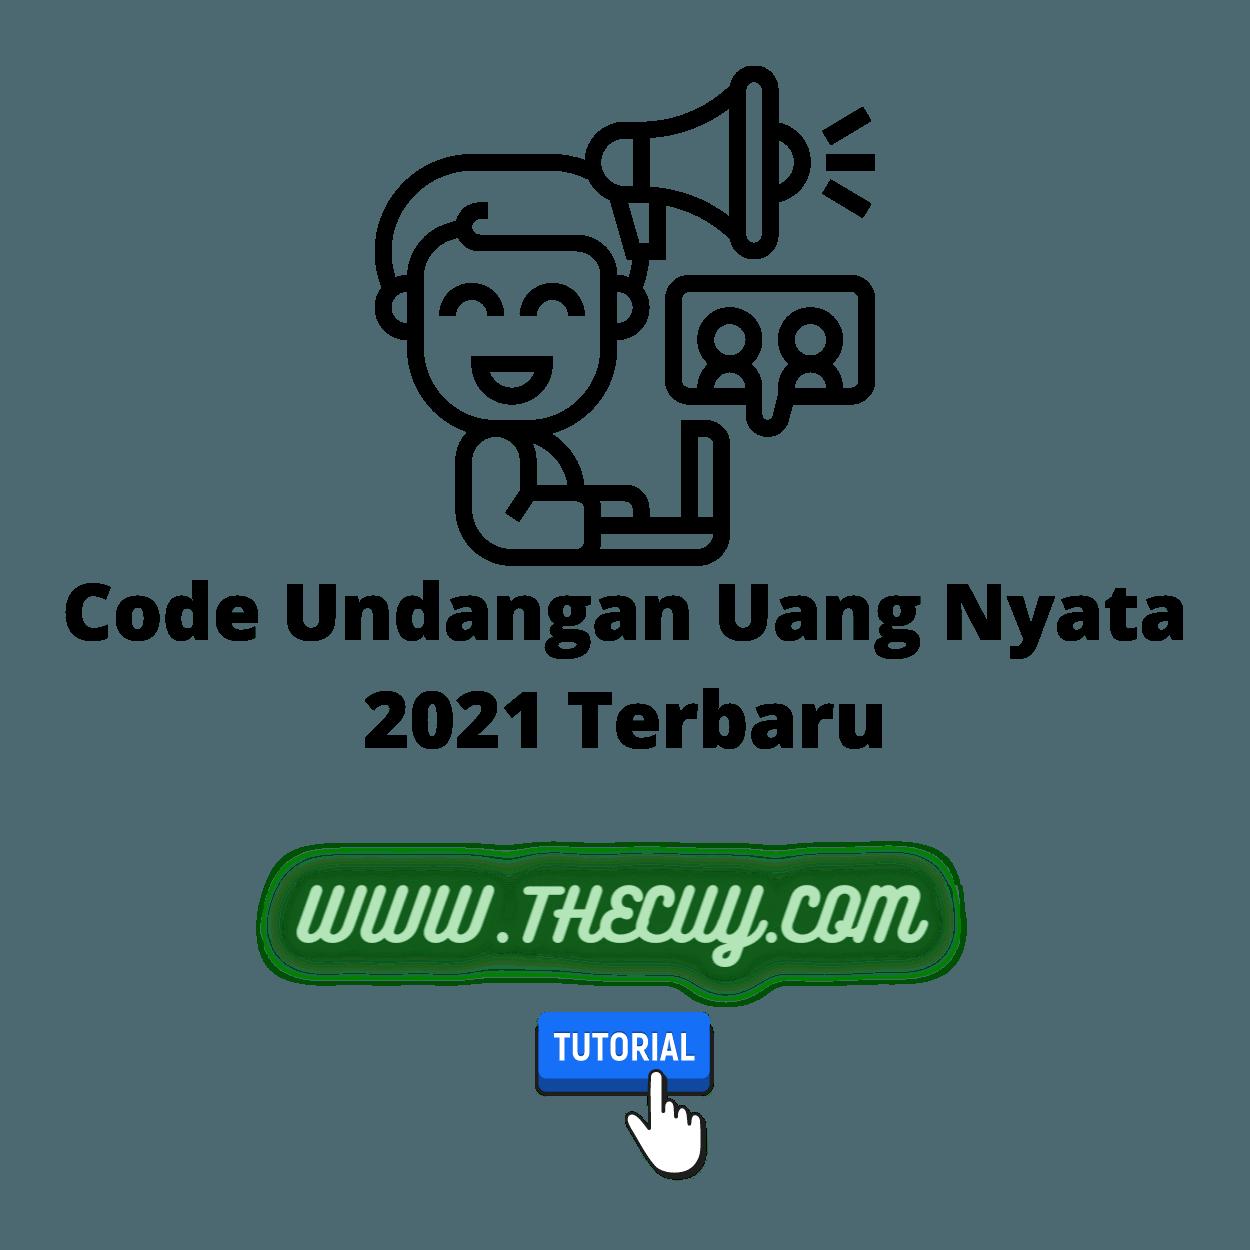 Code Undangan Uang Nyata 2021 Terbaru